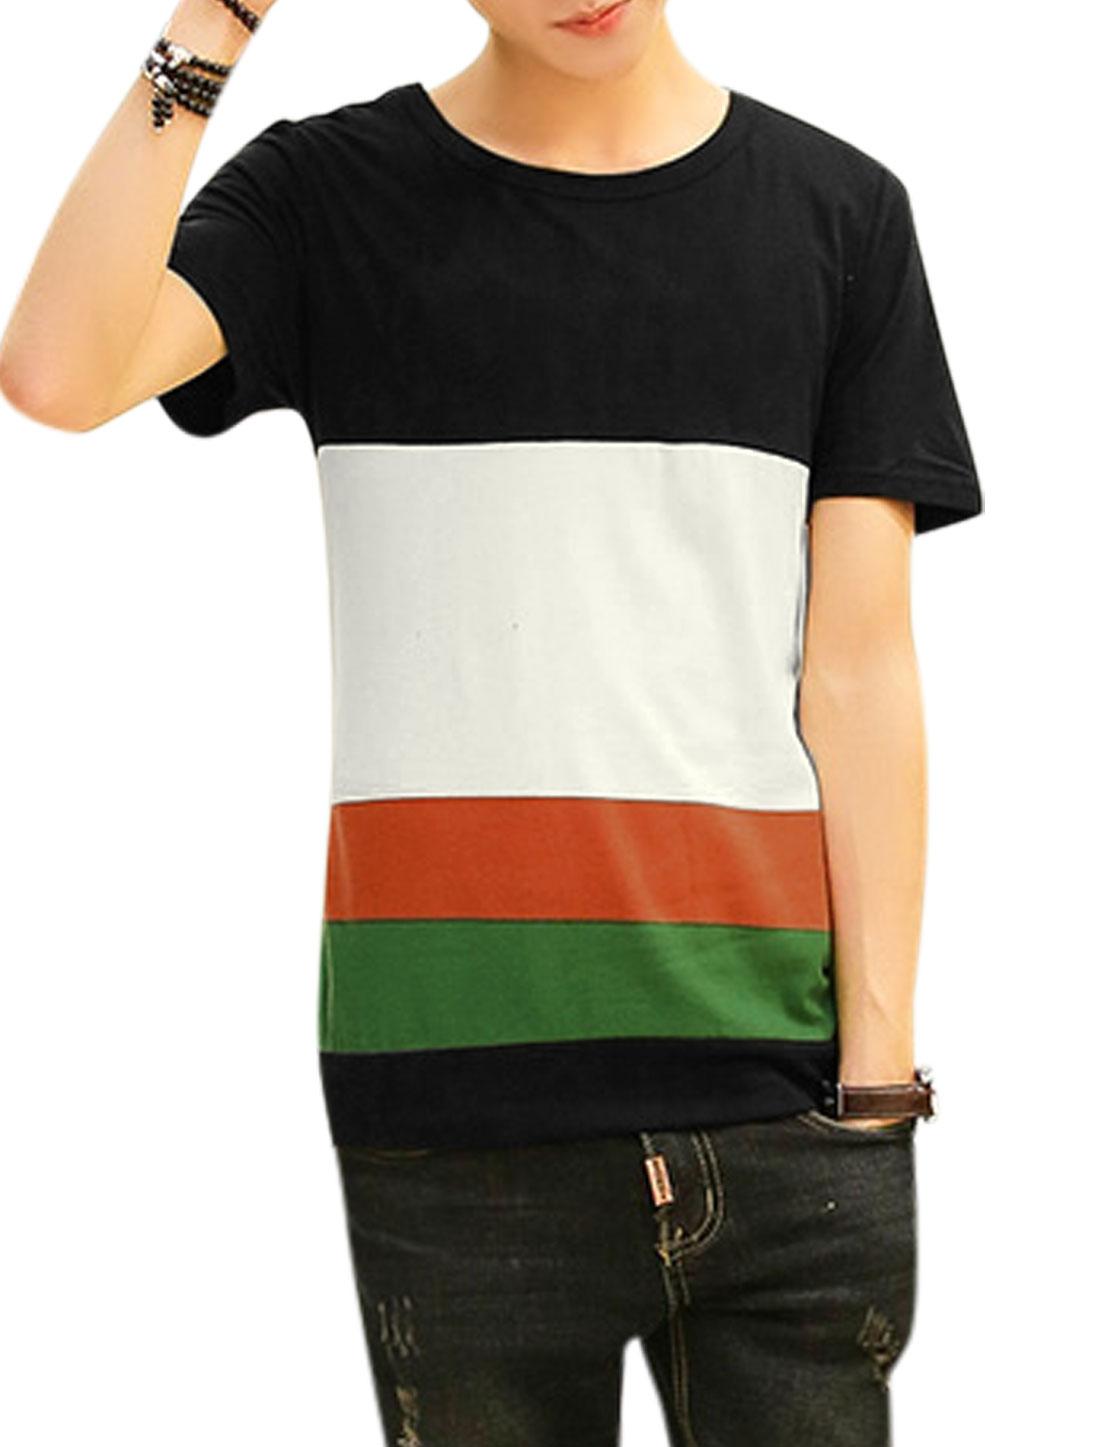 Men Contrast Color Round Neck Short Sleeves Slipover Tee Shirt Black White M